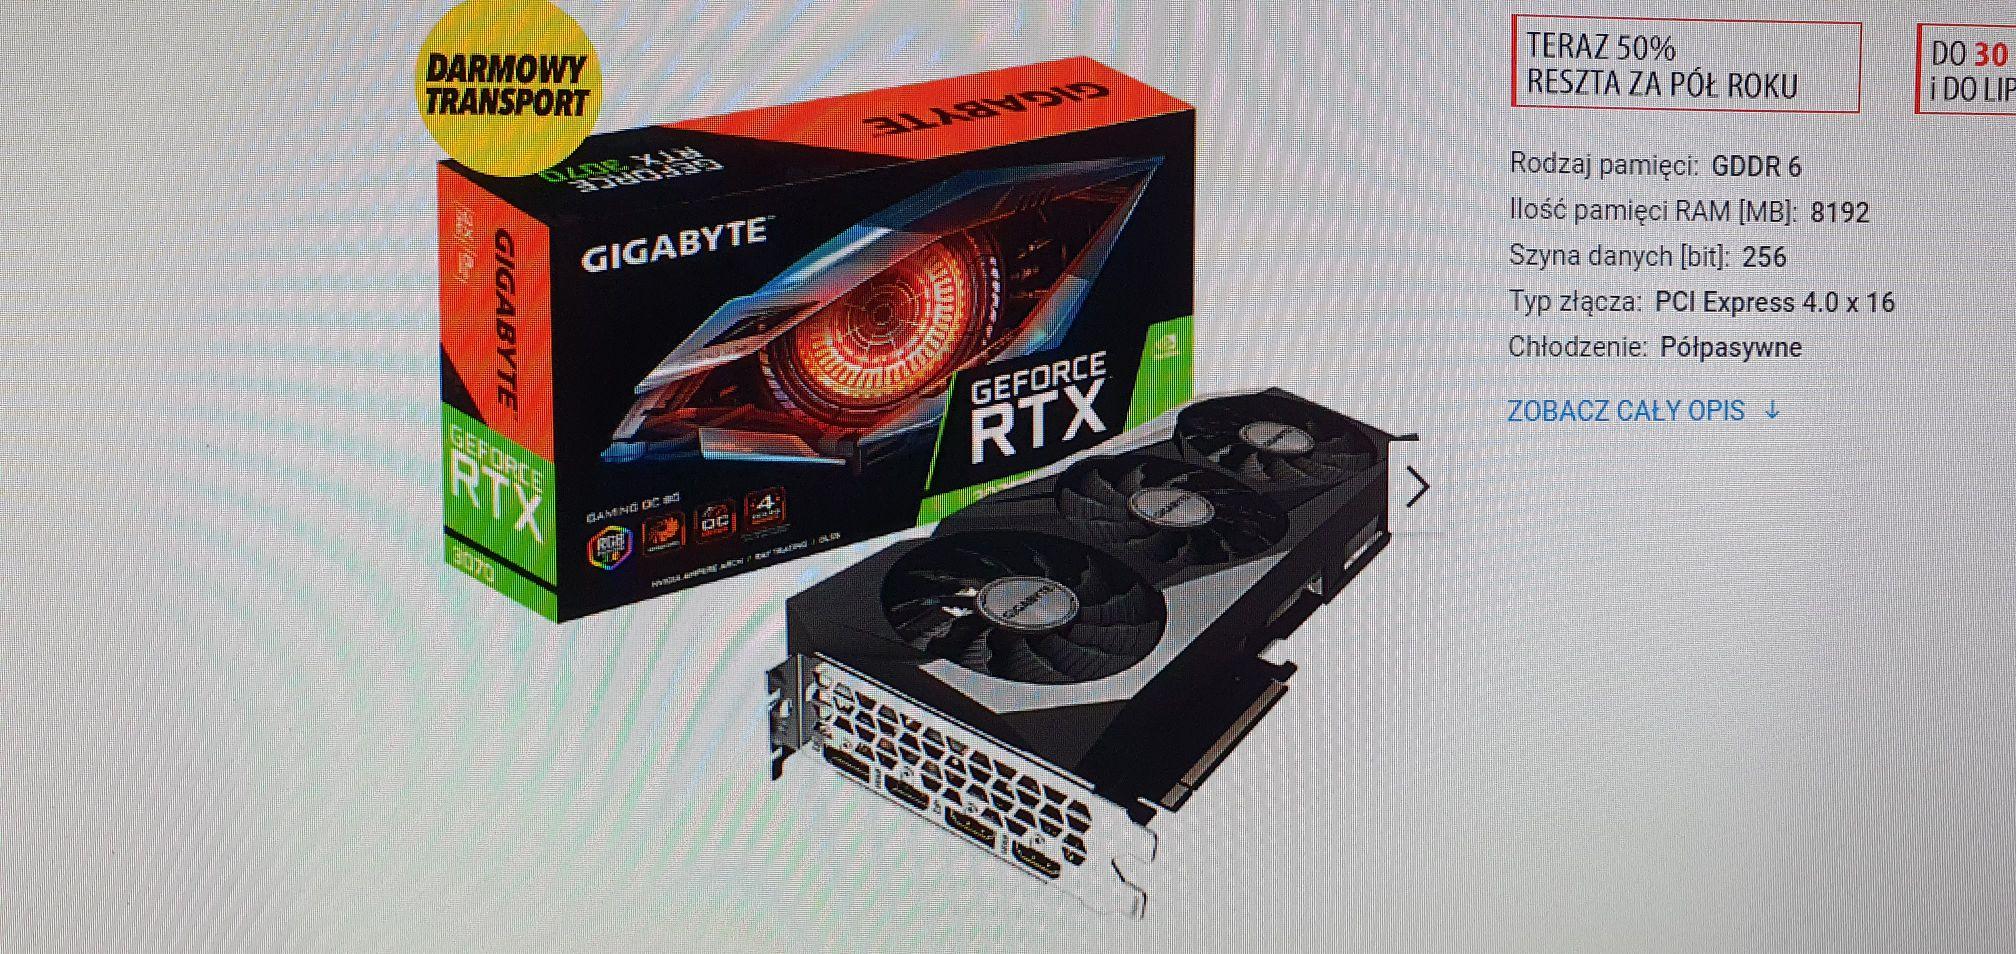 Gigabyte George RTX3070 Gaming OC 8GB DOSTĘPNA NA JUTRO !!!